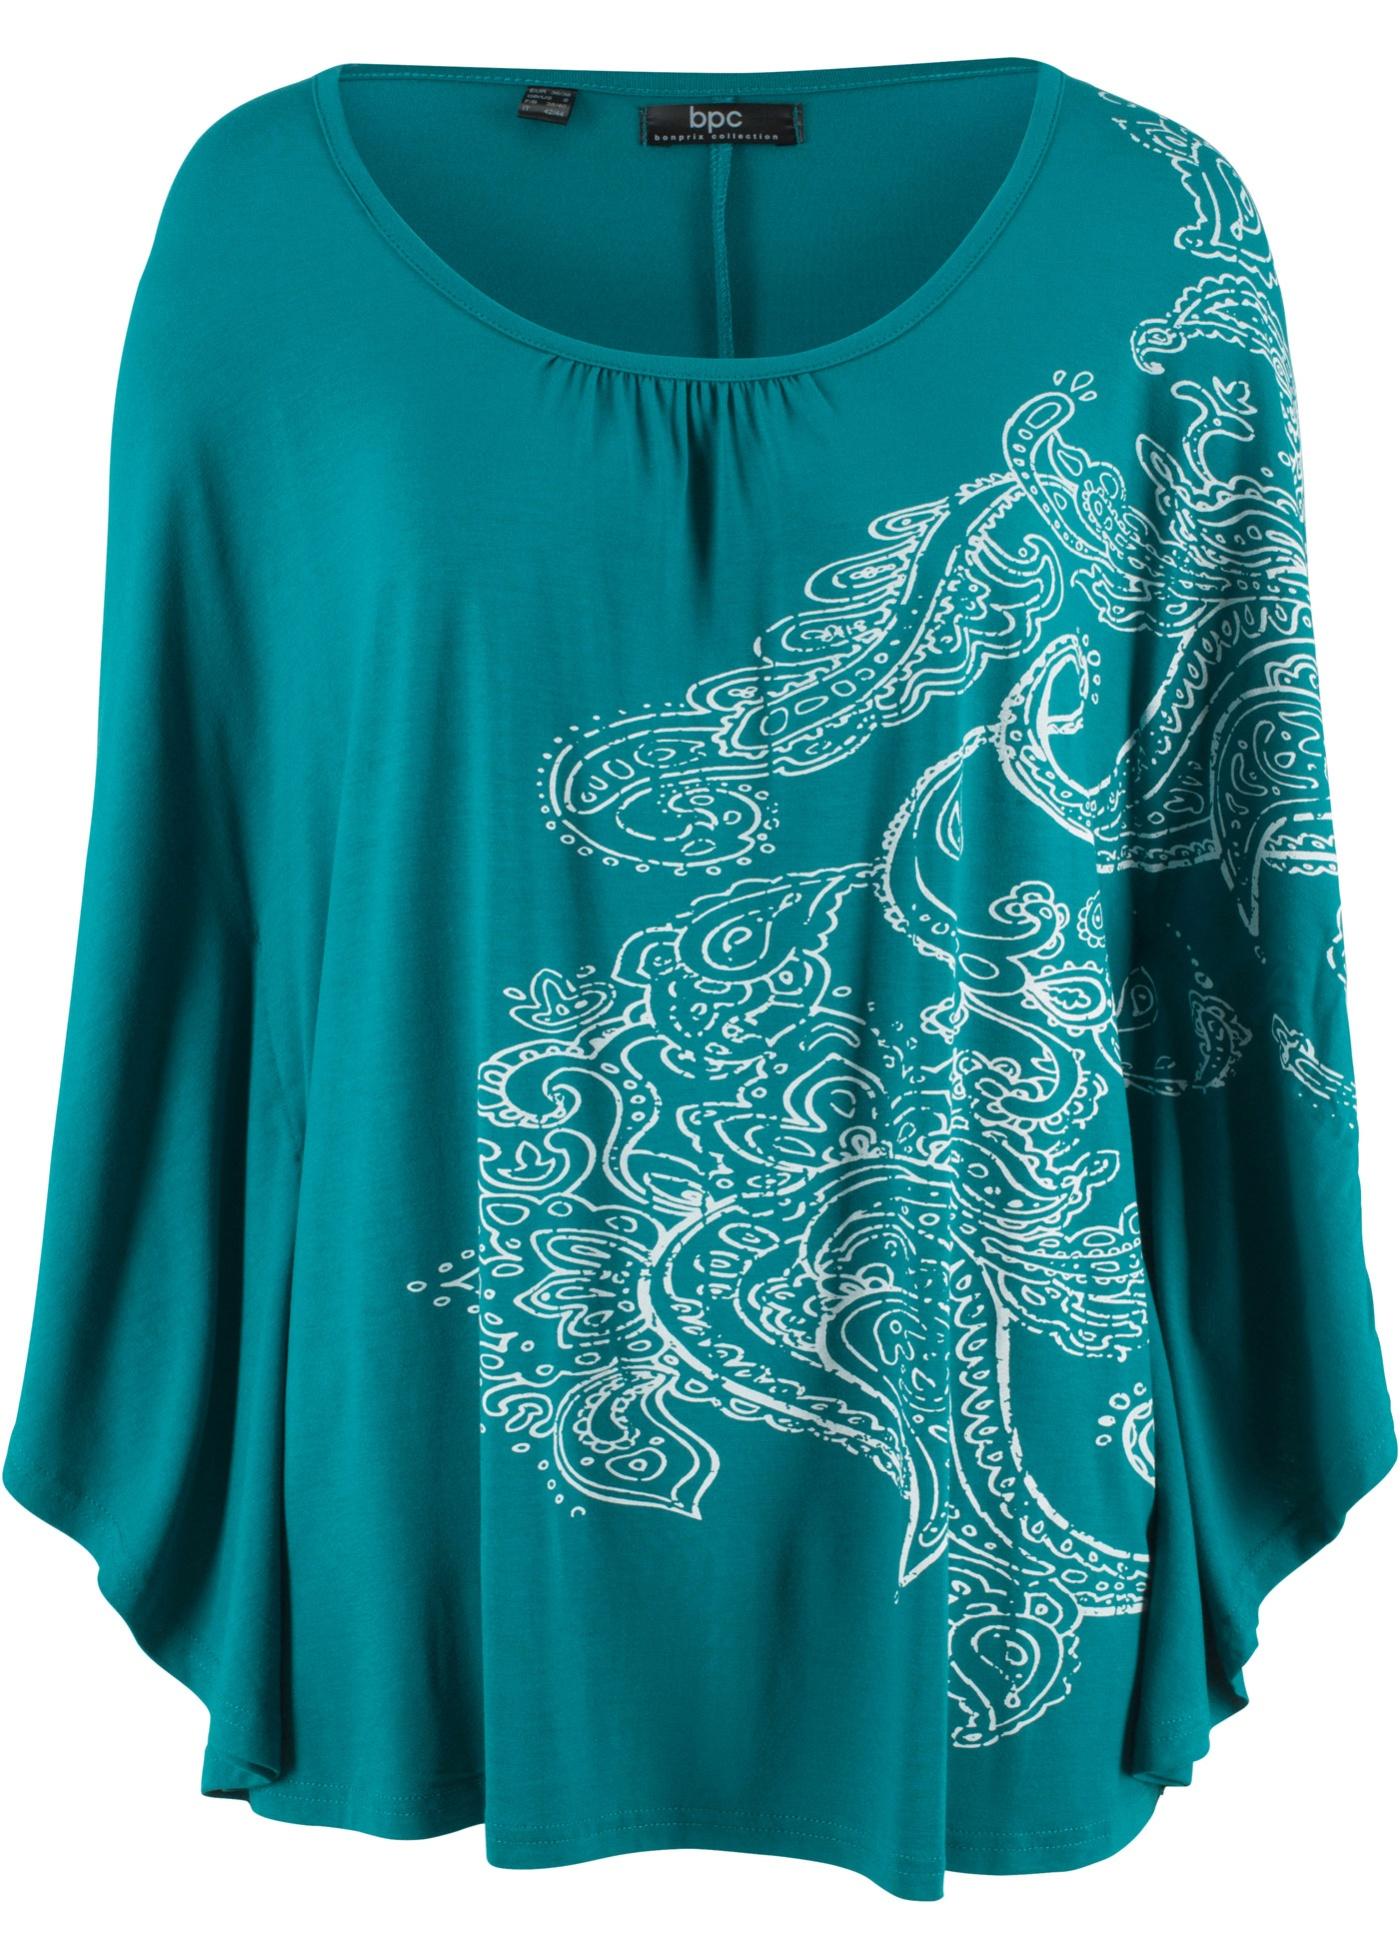 CollectionT Bonprix Pour Bpc Chauve Bleu shirt Manches Femme souris nOk0wX8P